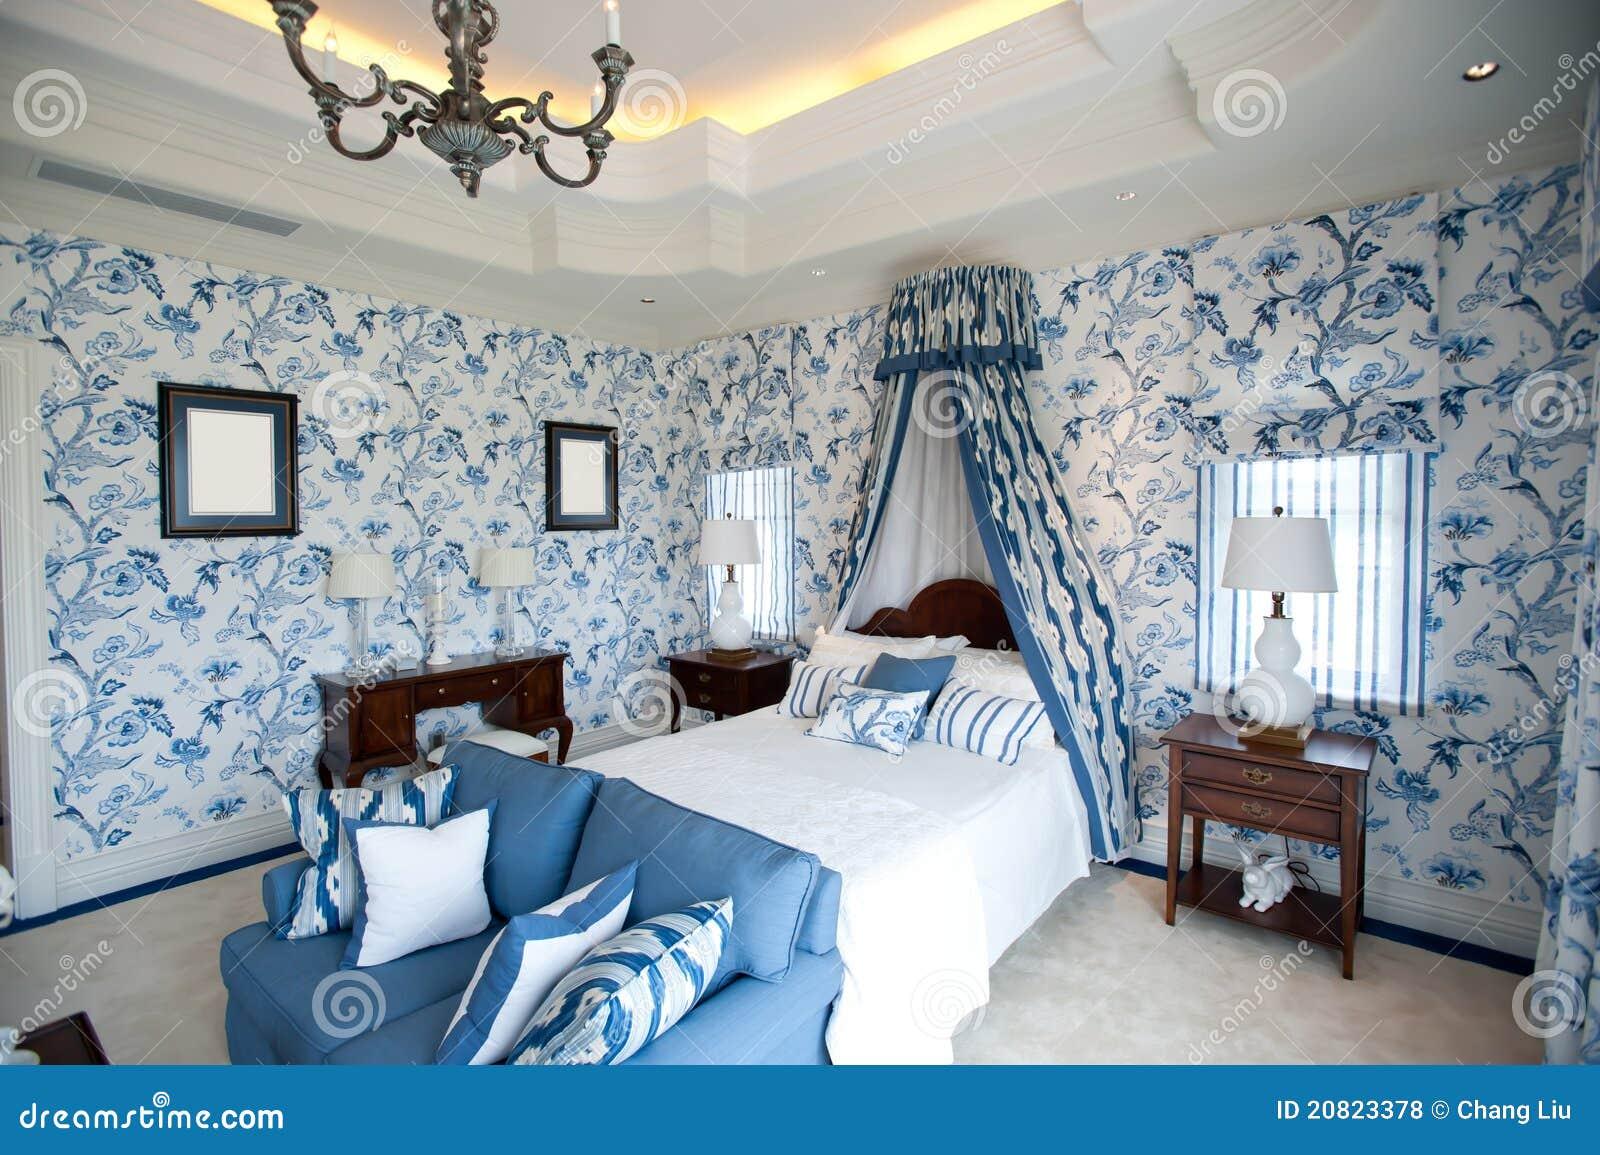 Dormitorio con el papel pintado azul de la flor fotos de archivo libres de regal as imagen - Dormitorio con papel pintado ...